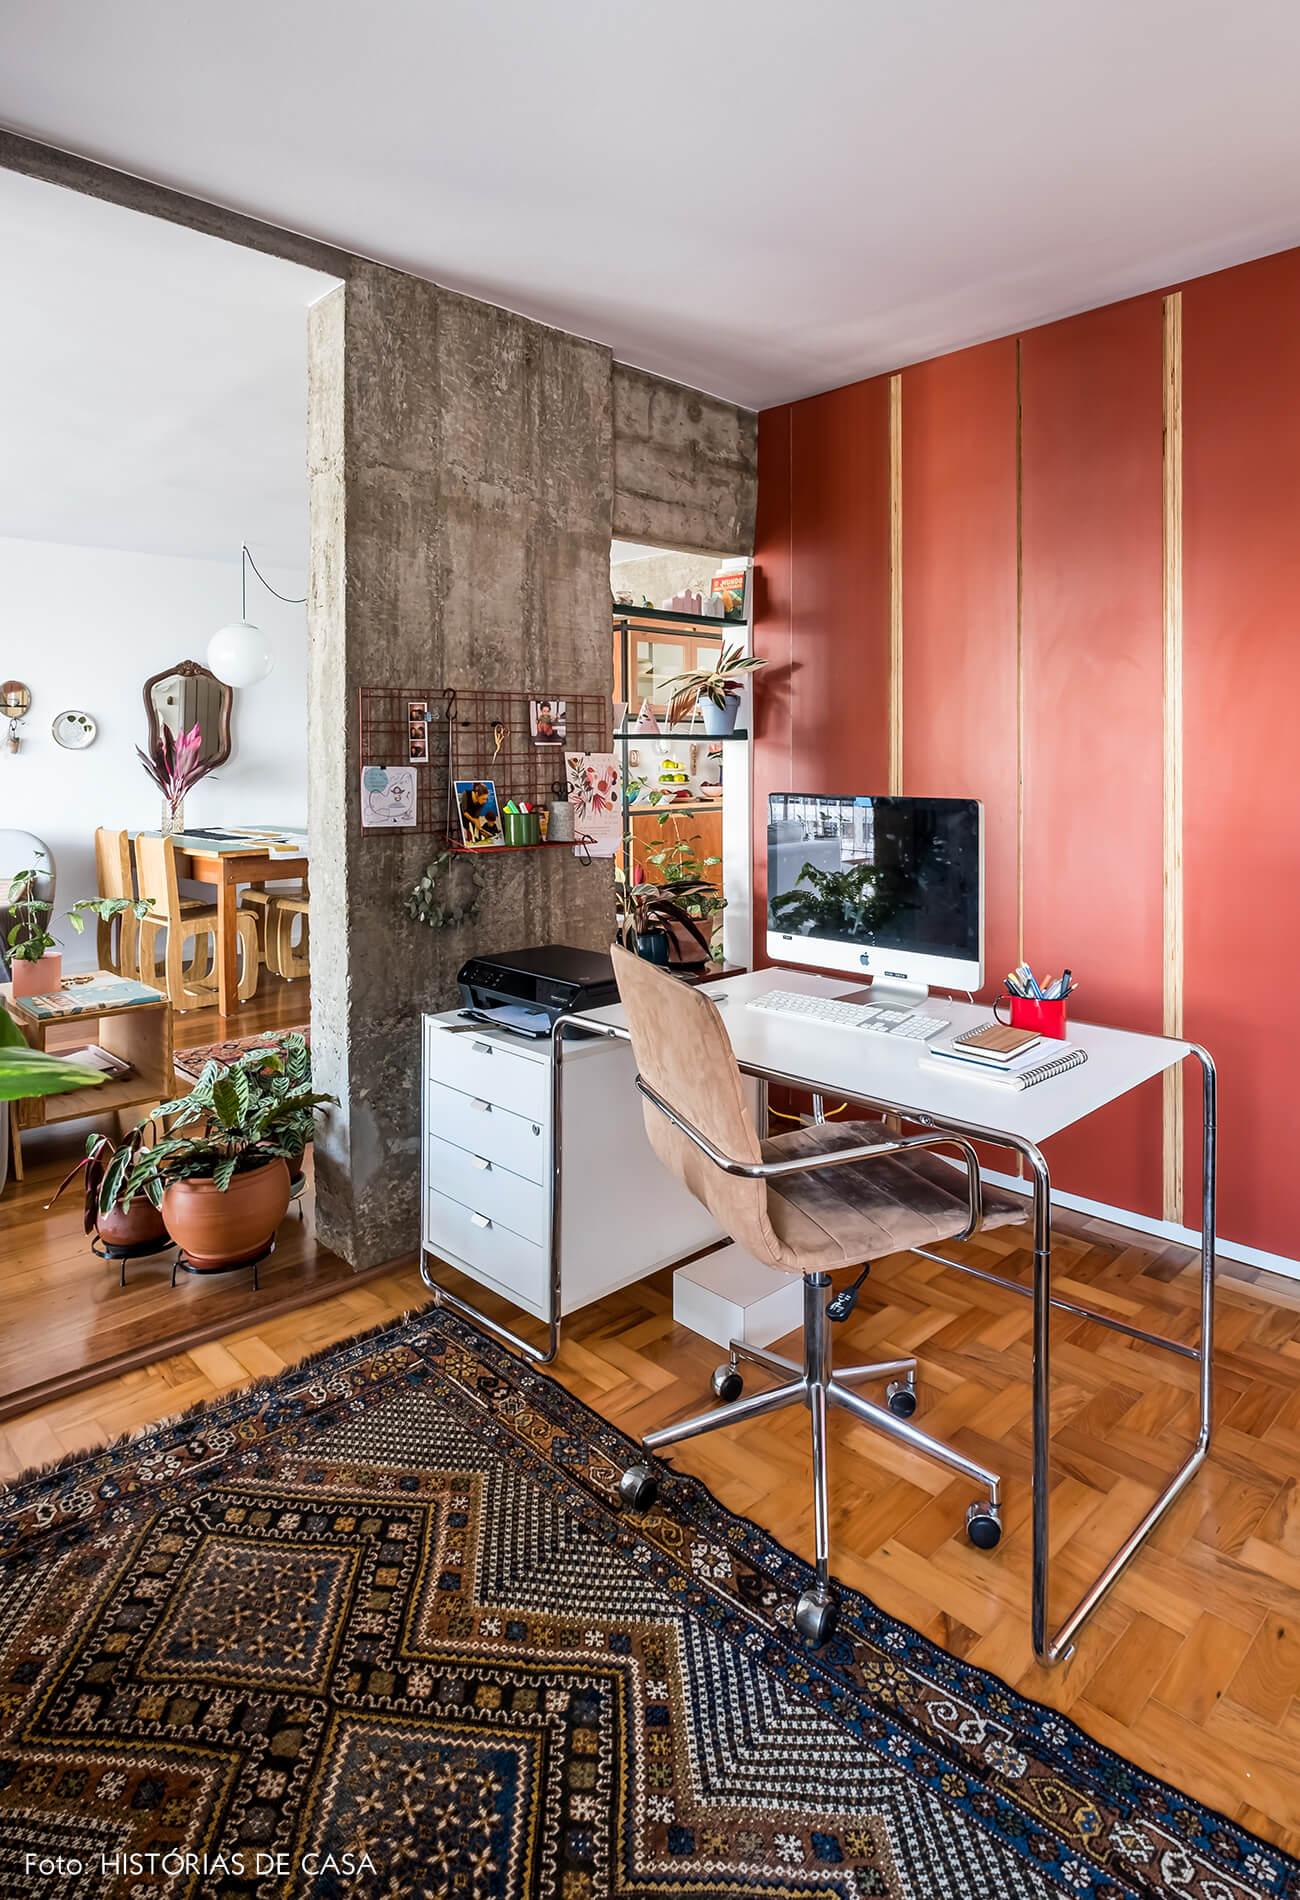 Home office integrado com a sala, móveis de Formica colorida